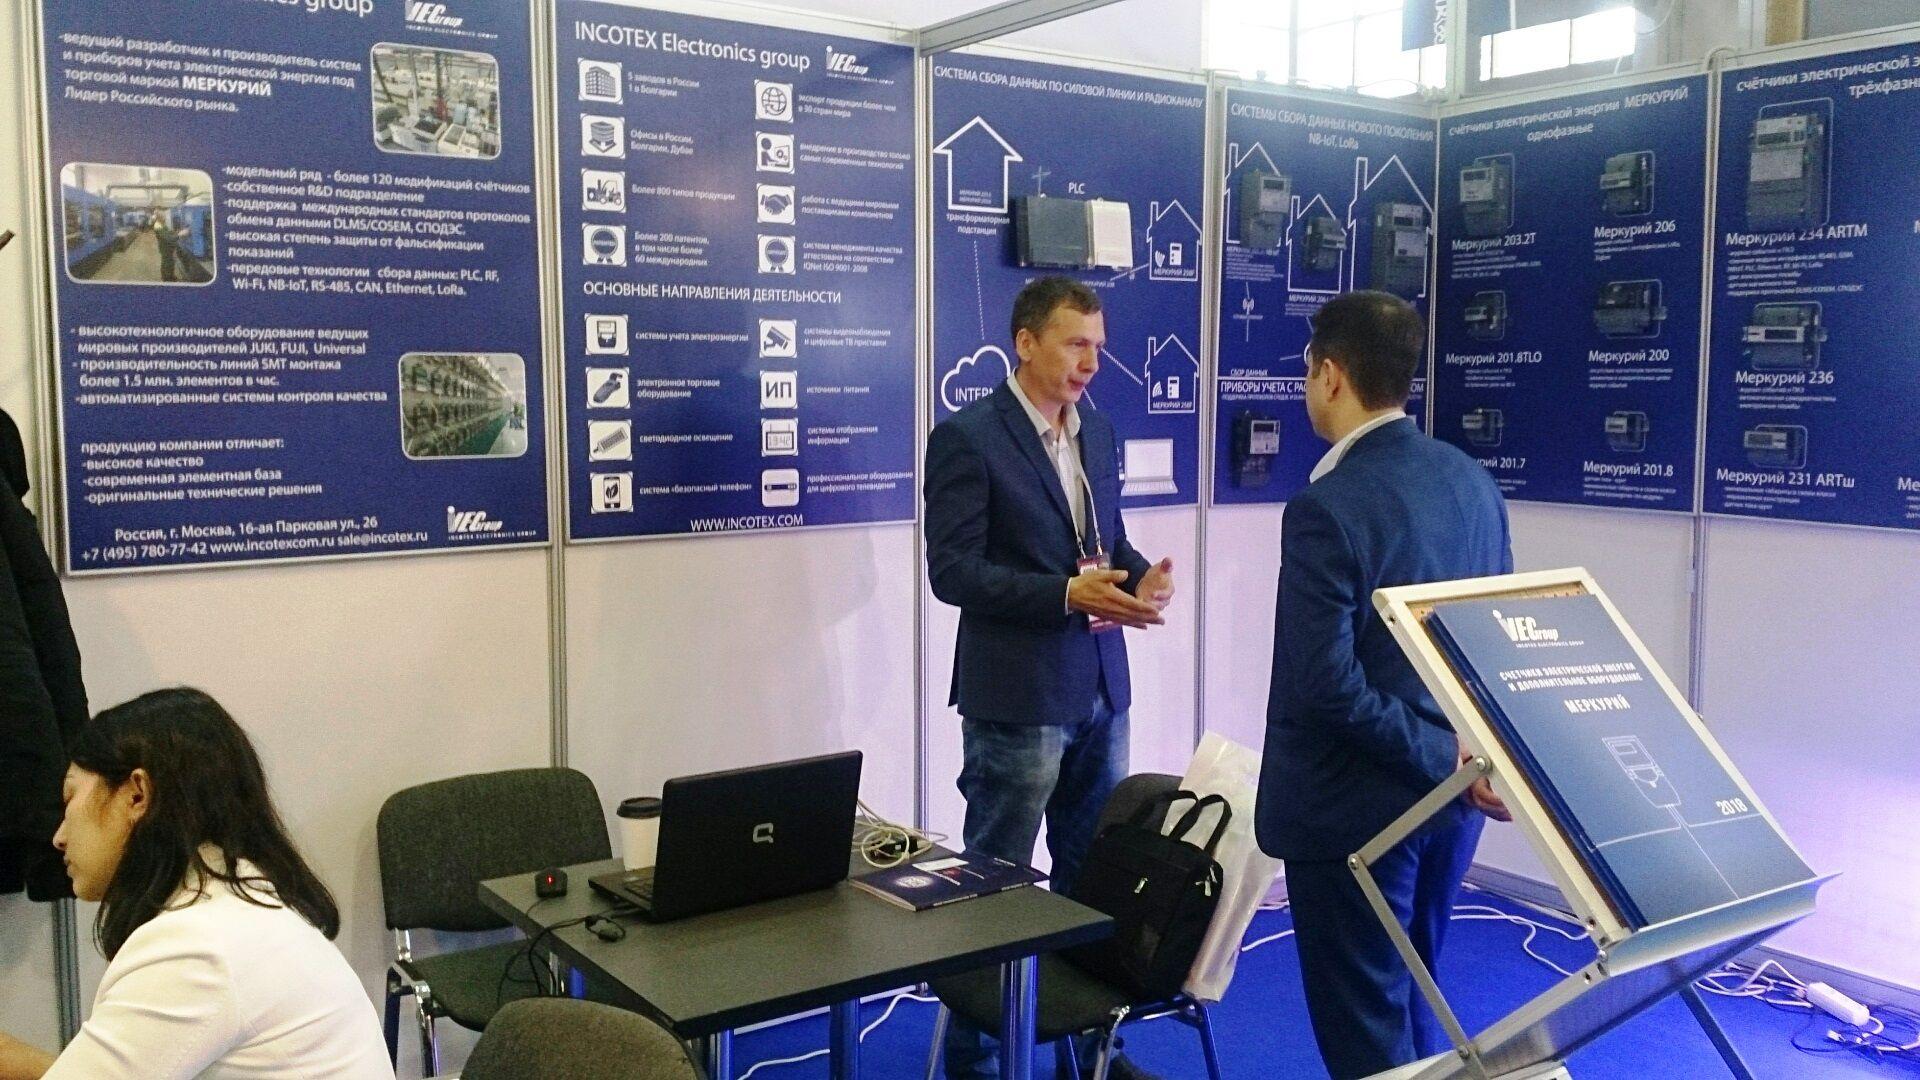 INCOTEX Electronics Group на выставке «Энергетика, Электротехника и Энергетическое машиностроение» - Power Astana 2018 Казахстан